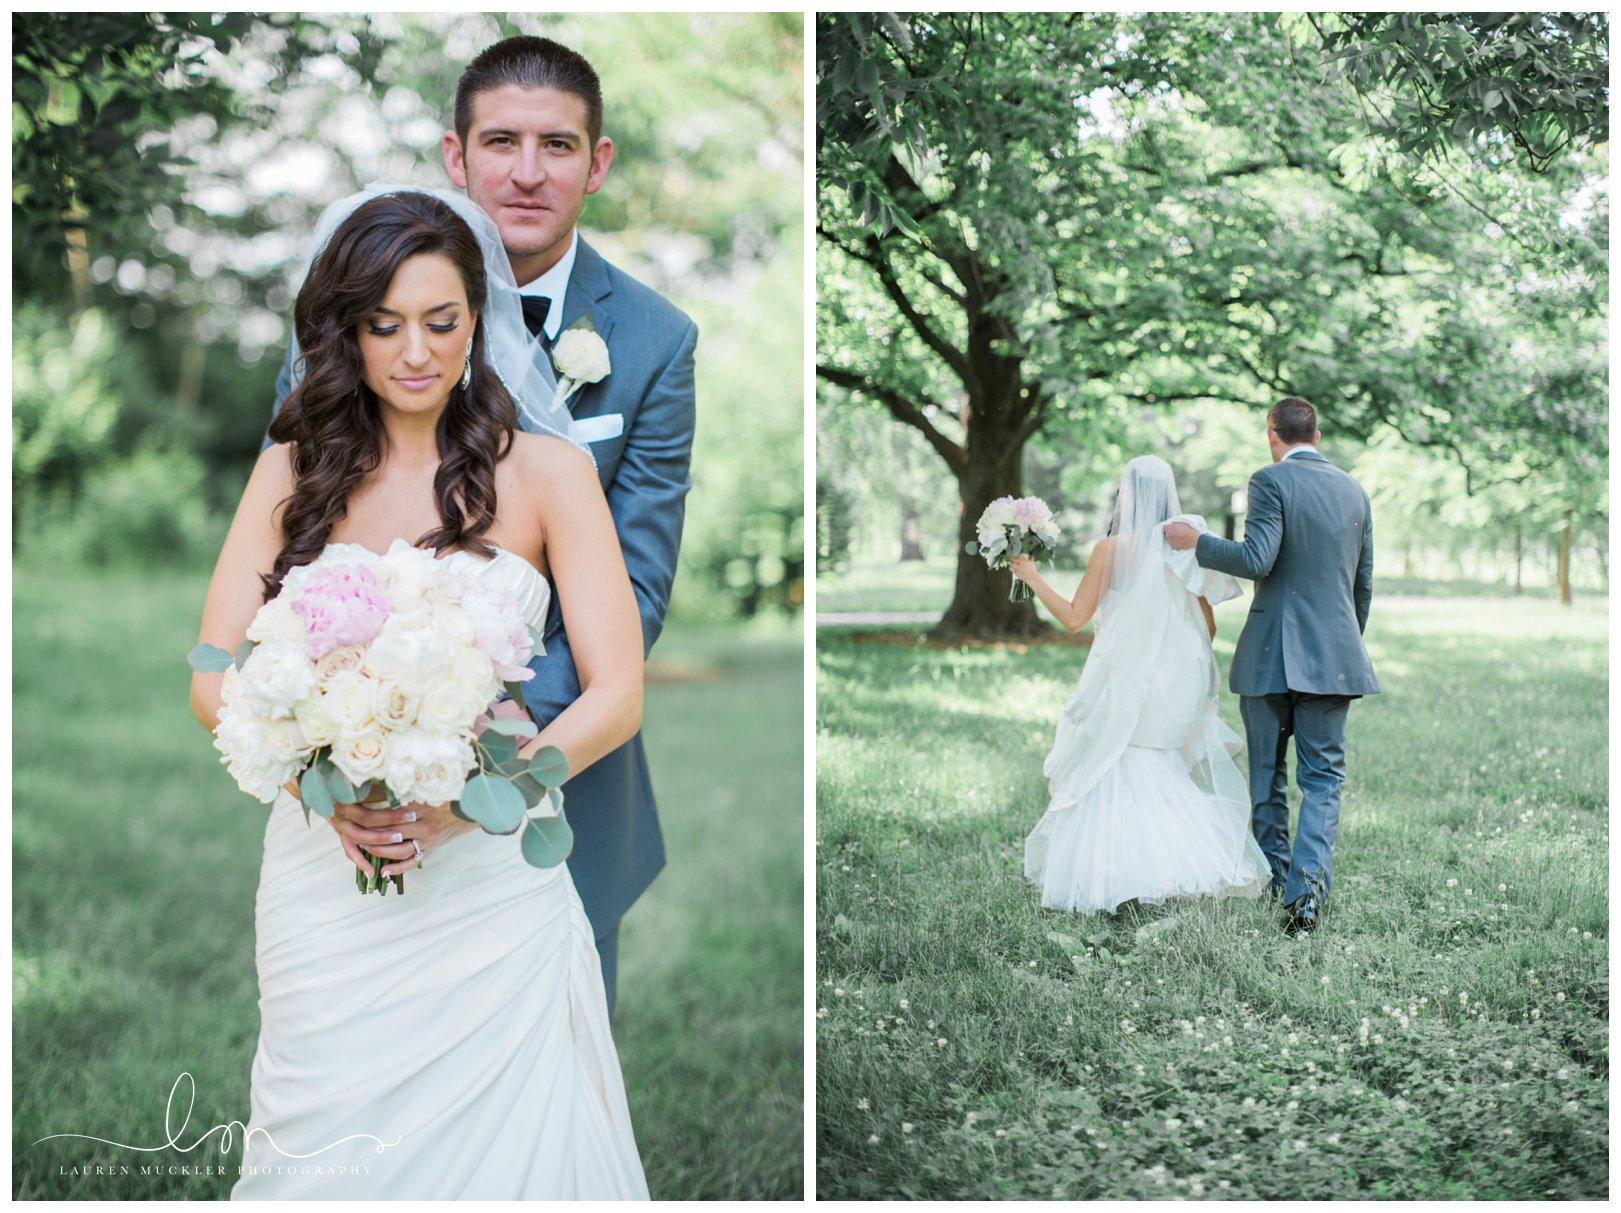 lauren muckler photography_fine art film wedding photography_st louis_photography_0267.jpg